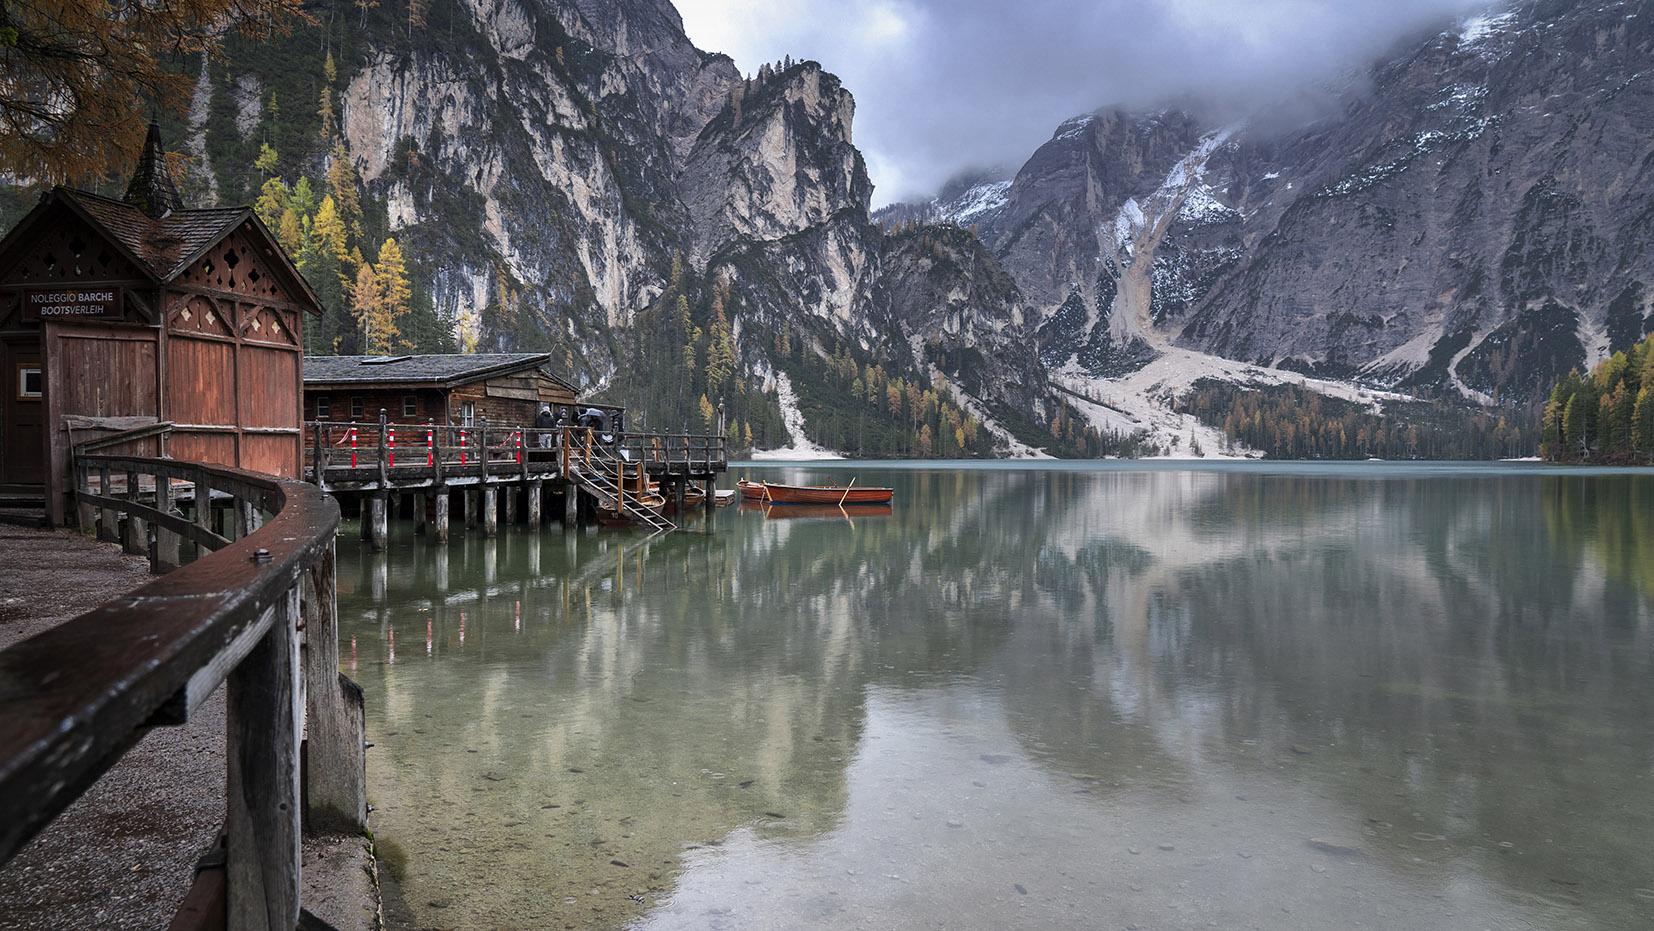 Lago di Braies une semaine dans les Dolomites bleu cabanes ponton montagnes barques automne